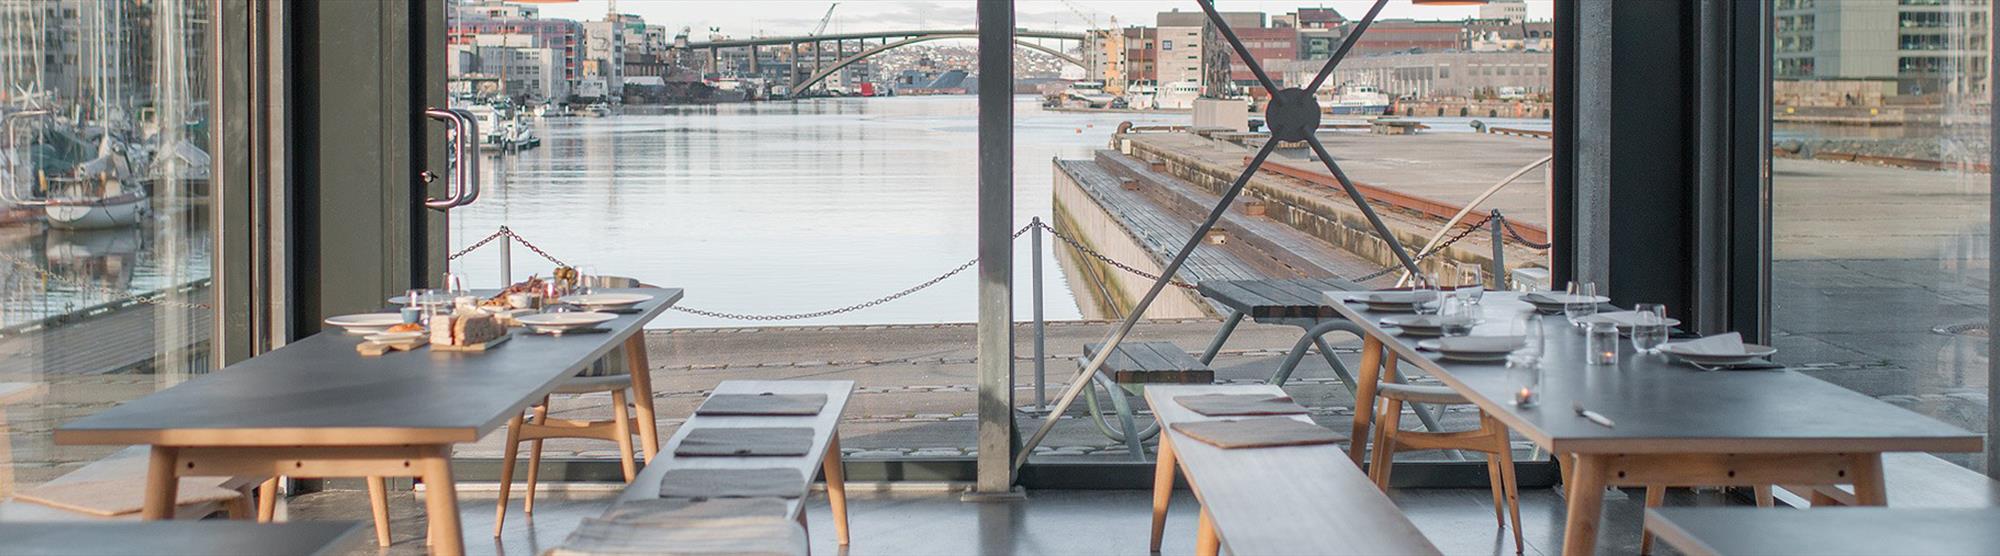 Internatinal restaurants in Bergen